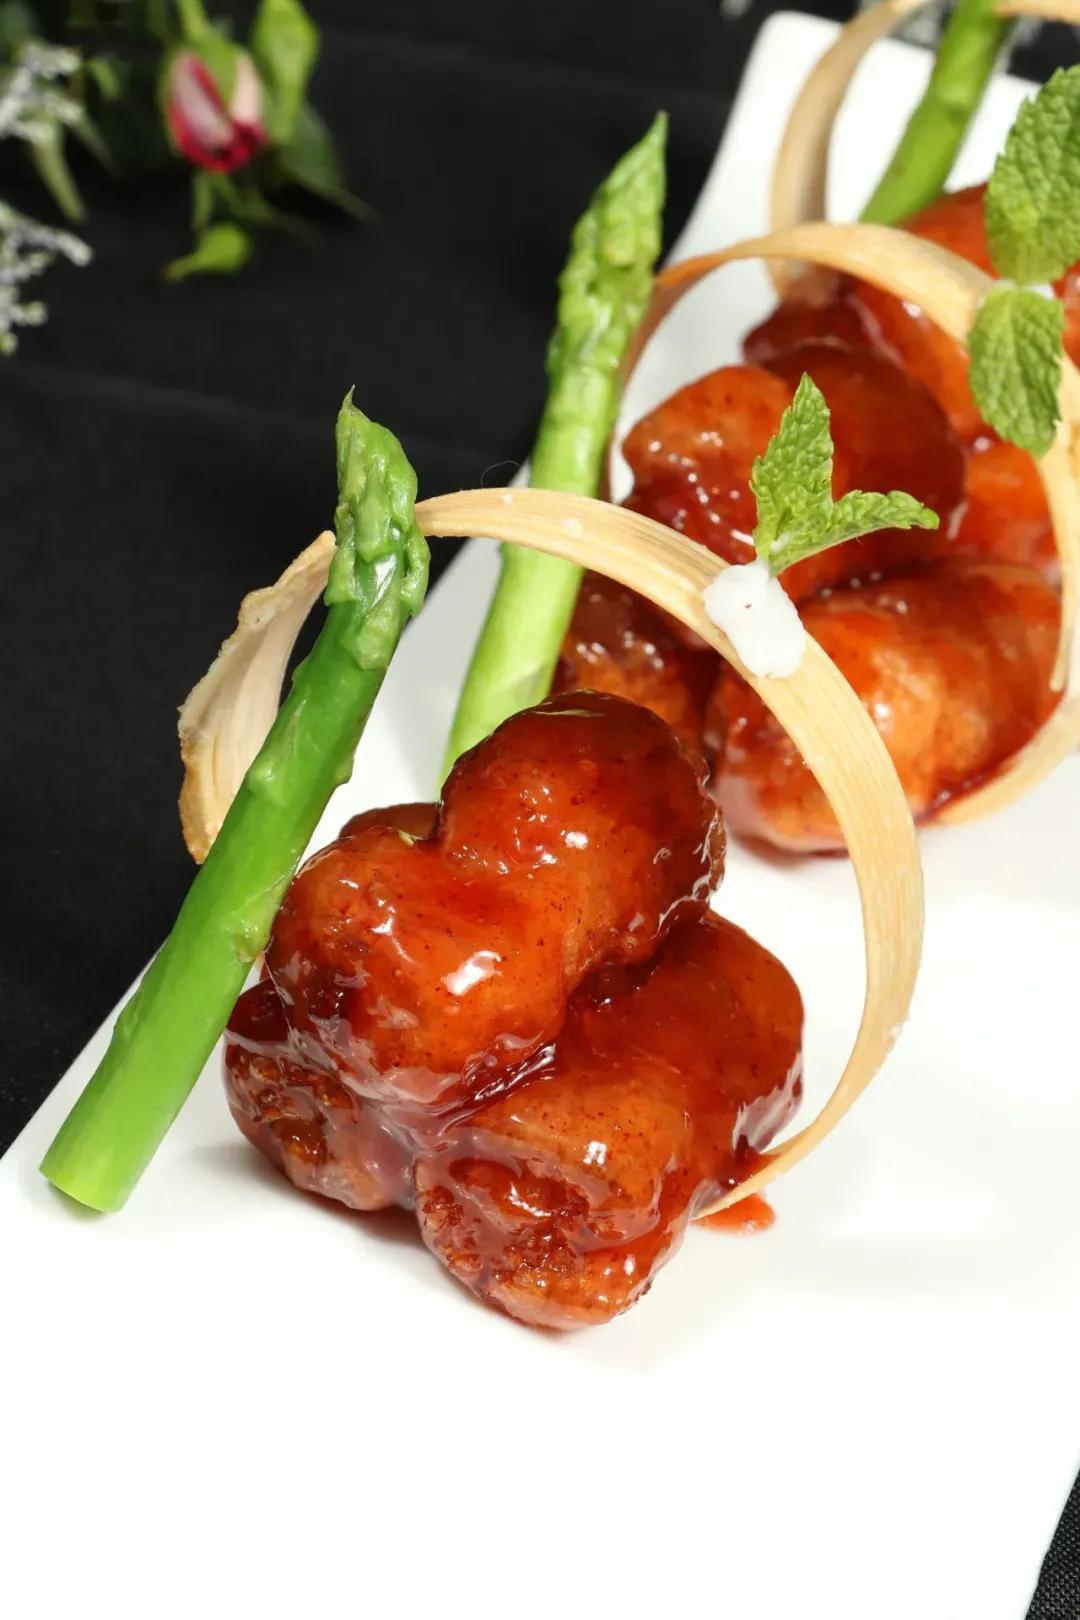 今天介绍8道酒楼最新菜品的详细做法, 美食做法 第4张